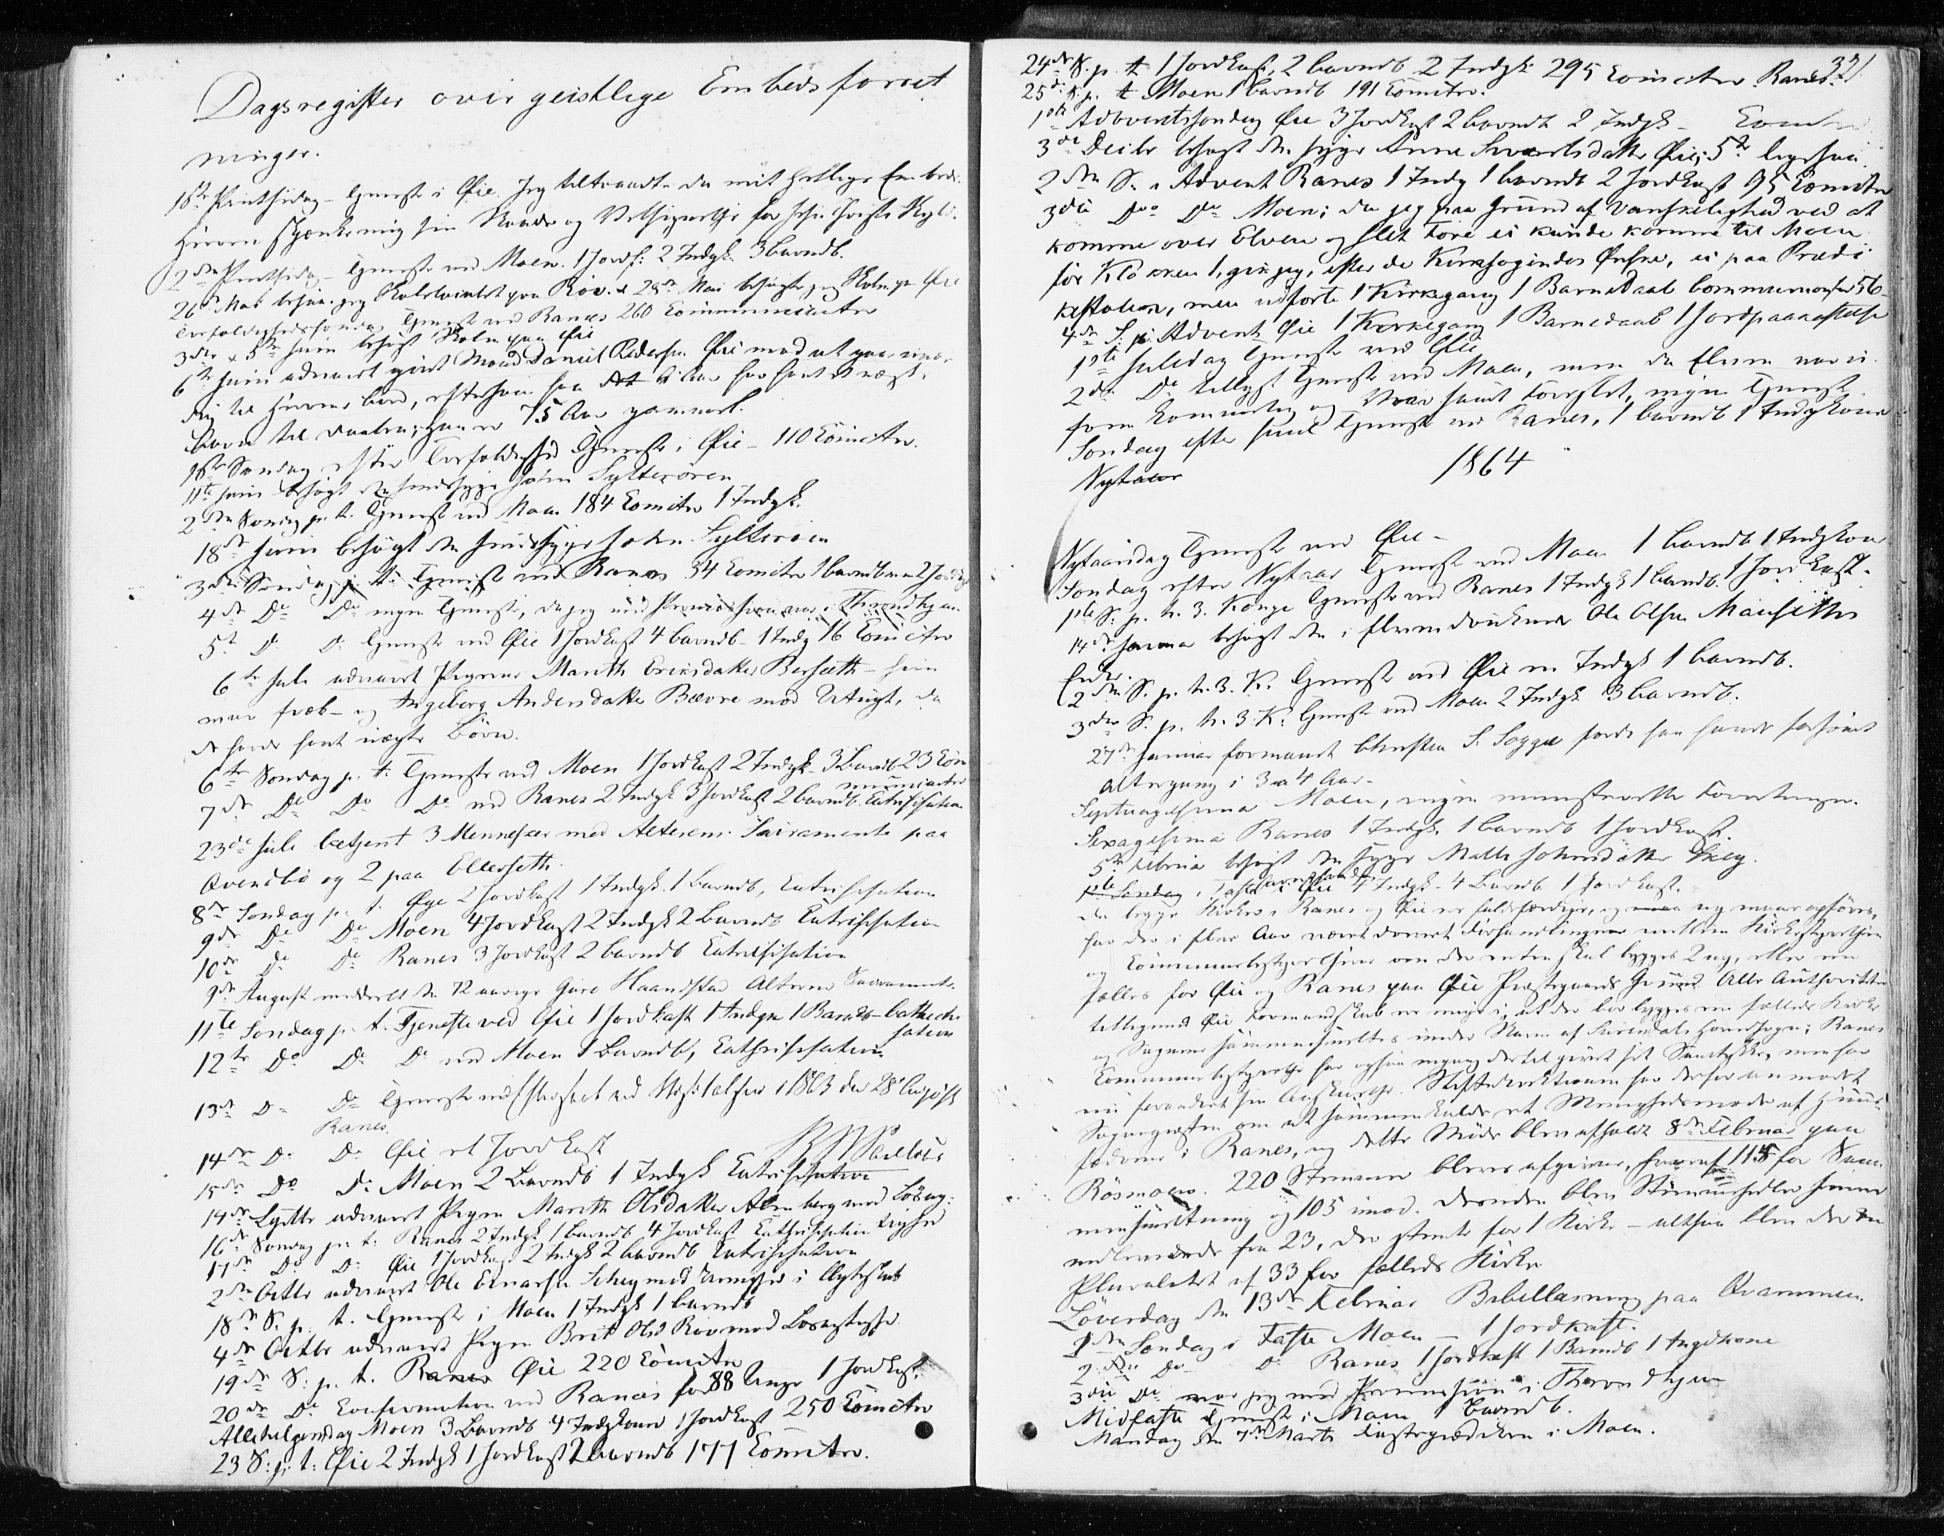 SAT, Ministerialprotokoller, klokkerbøker og fødselsregistre - Møre og Romsdal, 595/L1045: Ministerialbok nr. 595A07, 1863-1873, s. 321